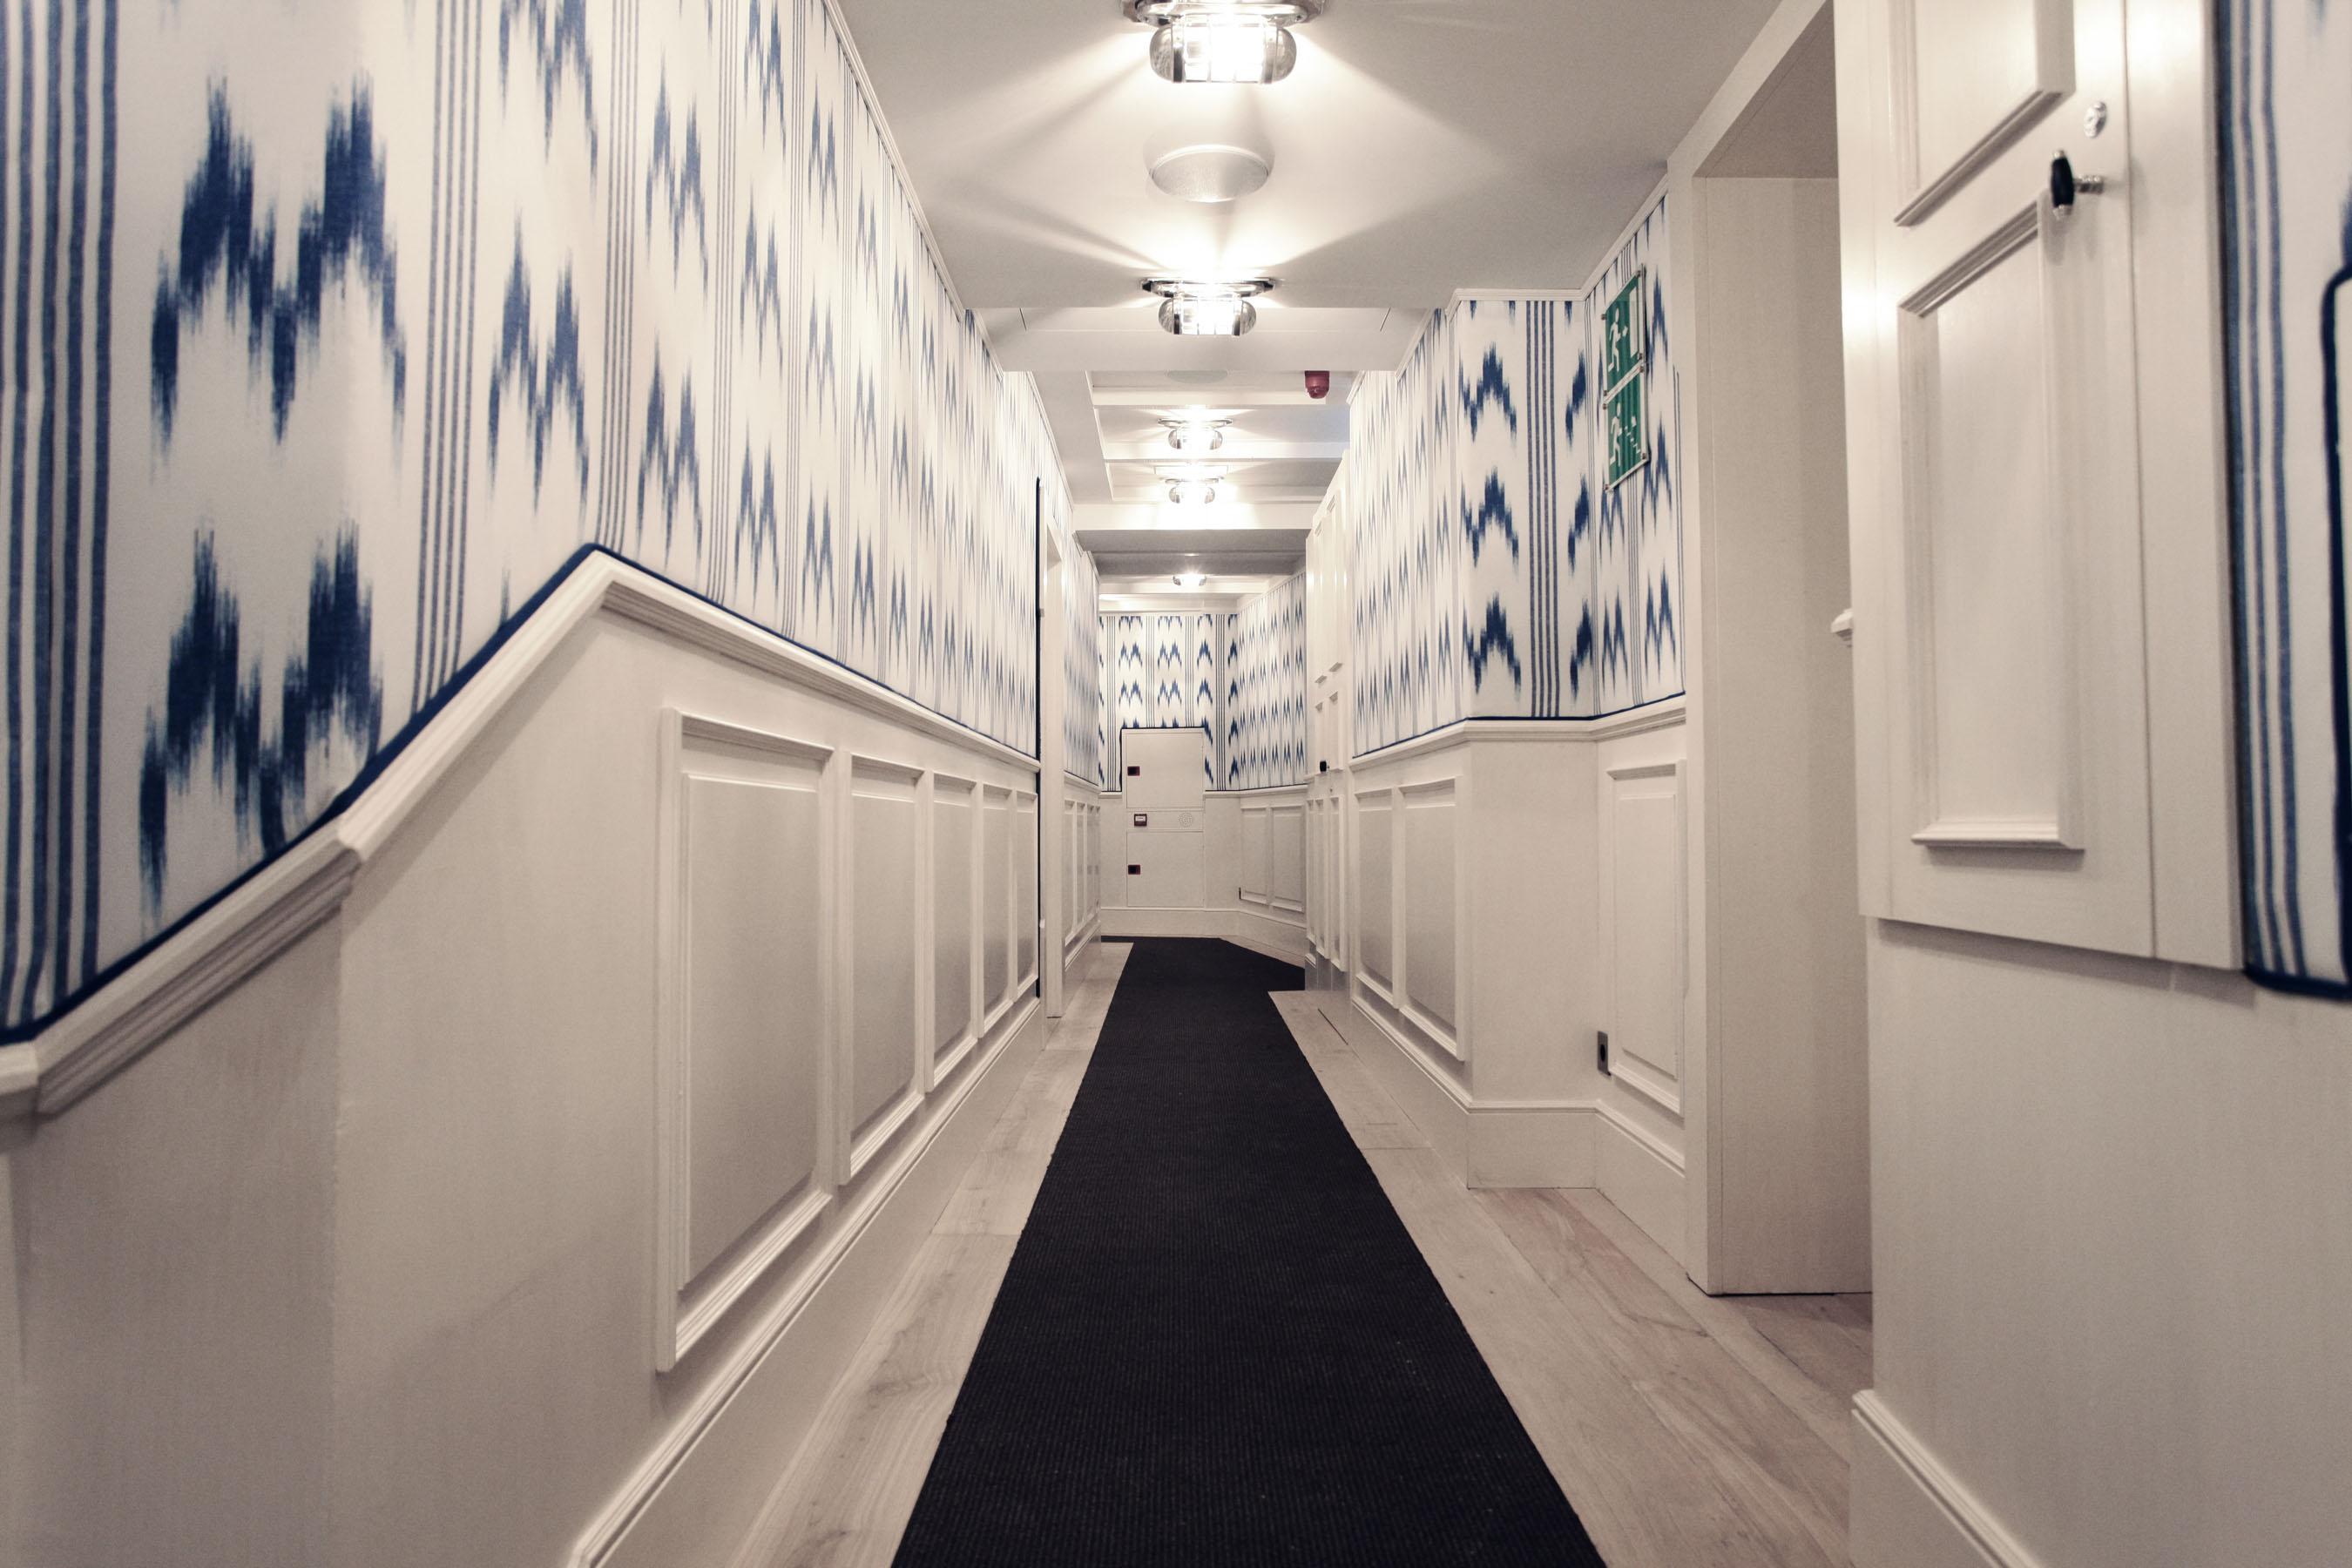 blue-white Ikat-tapestry design